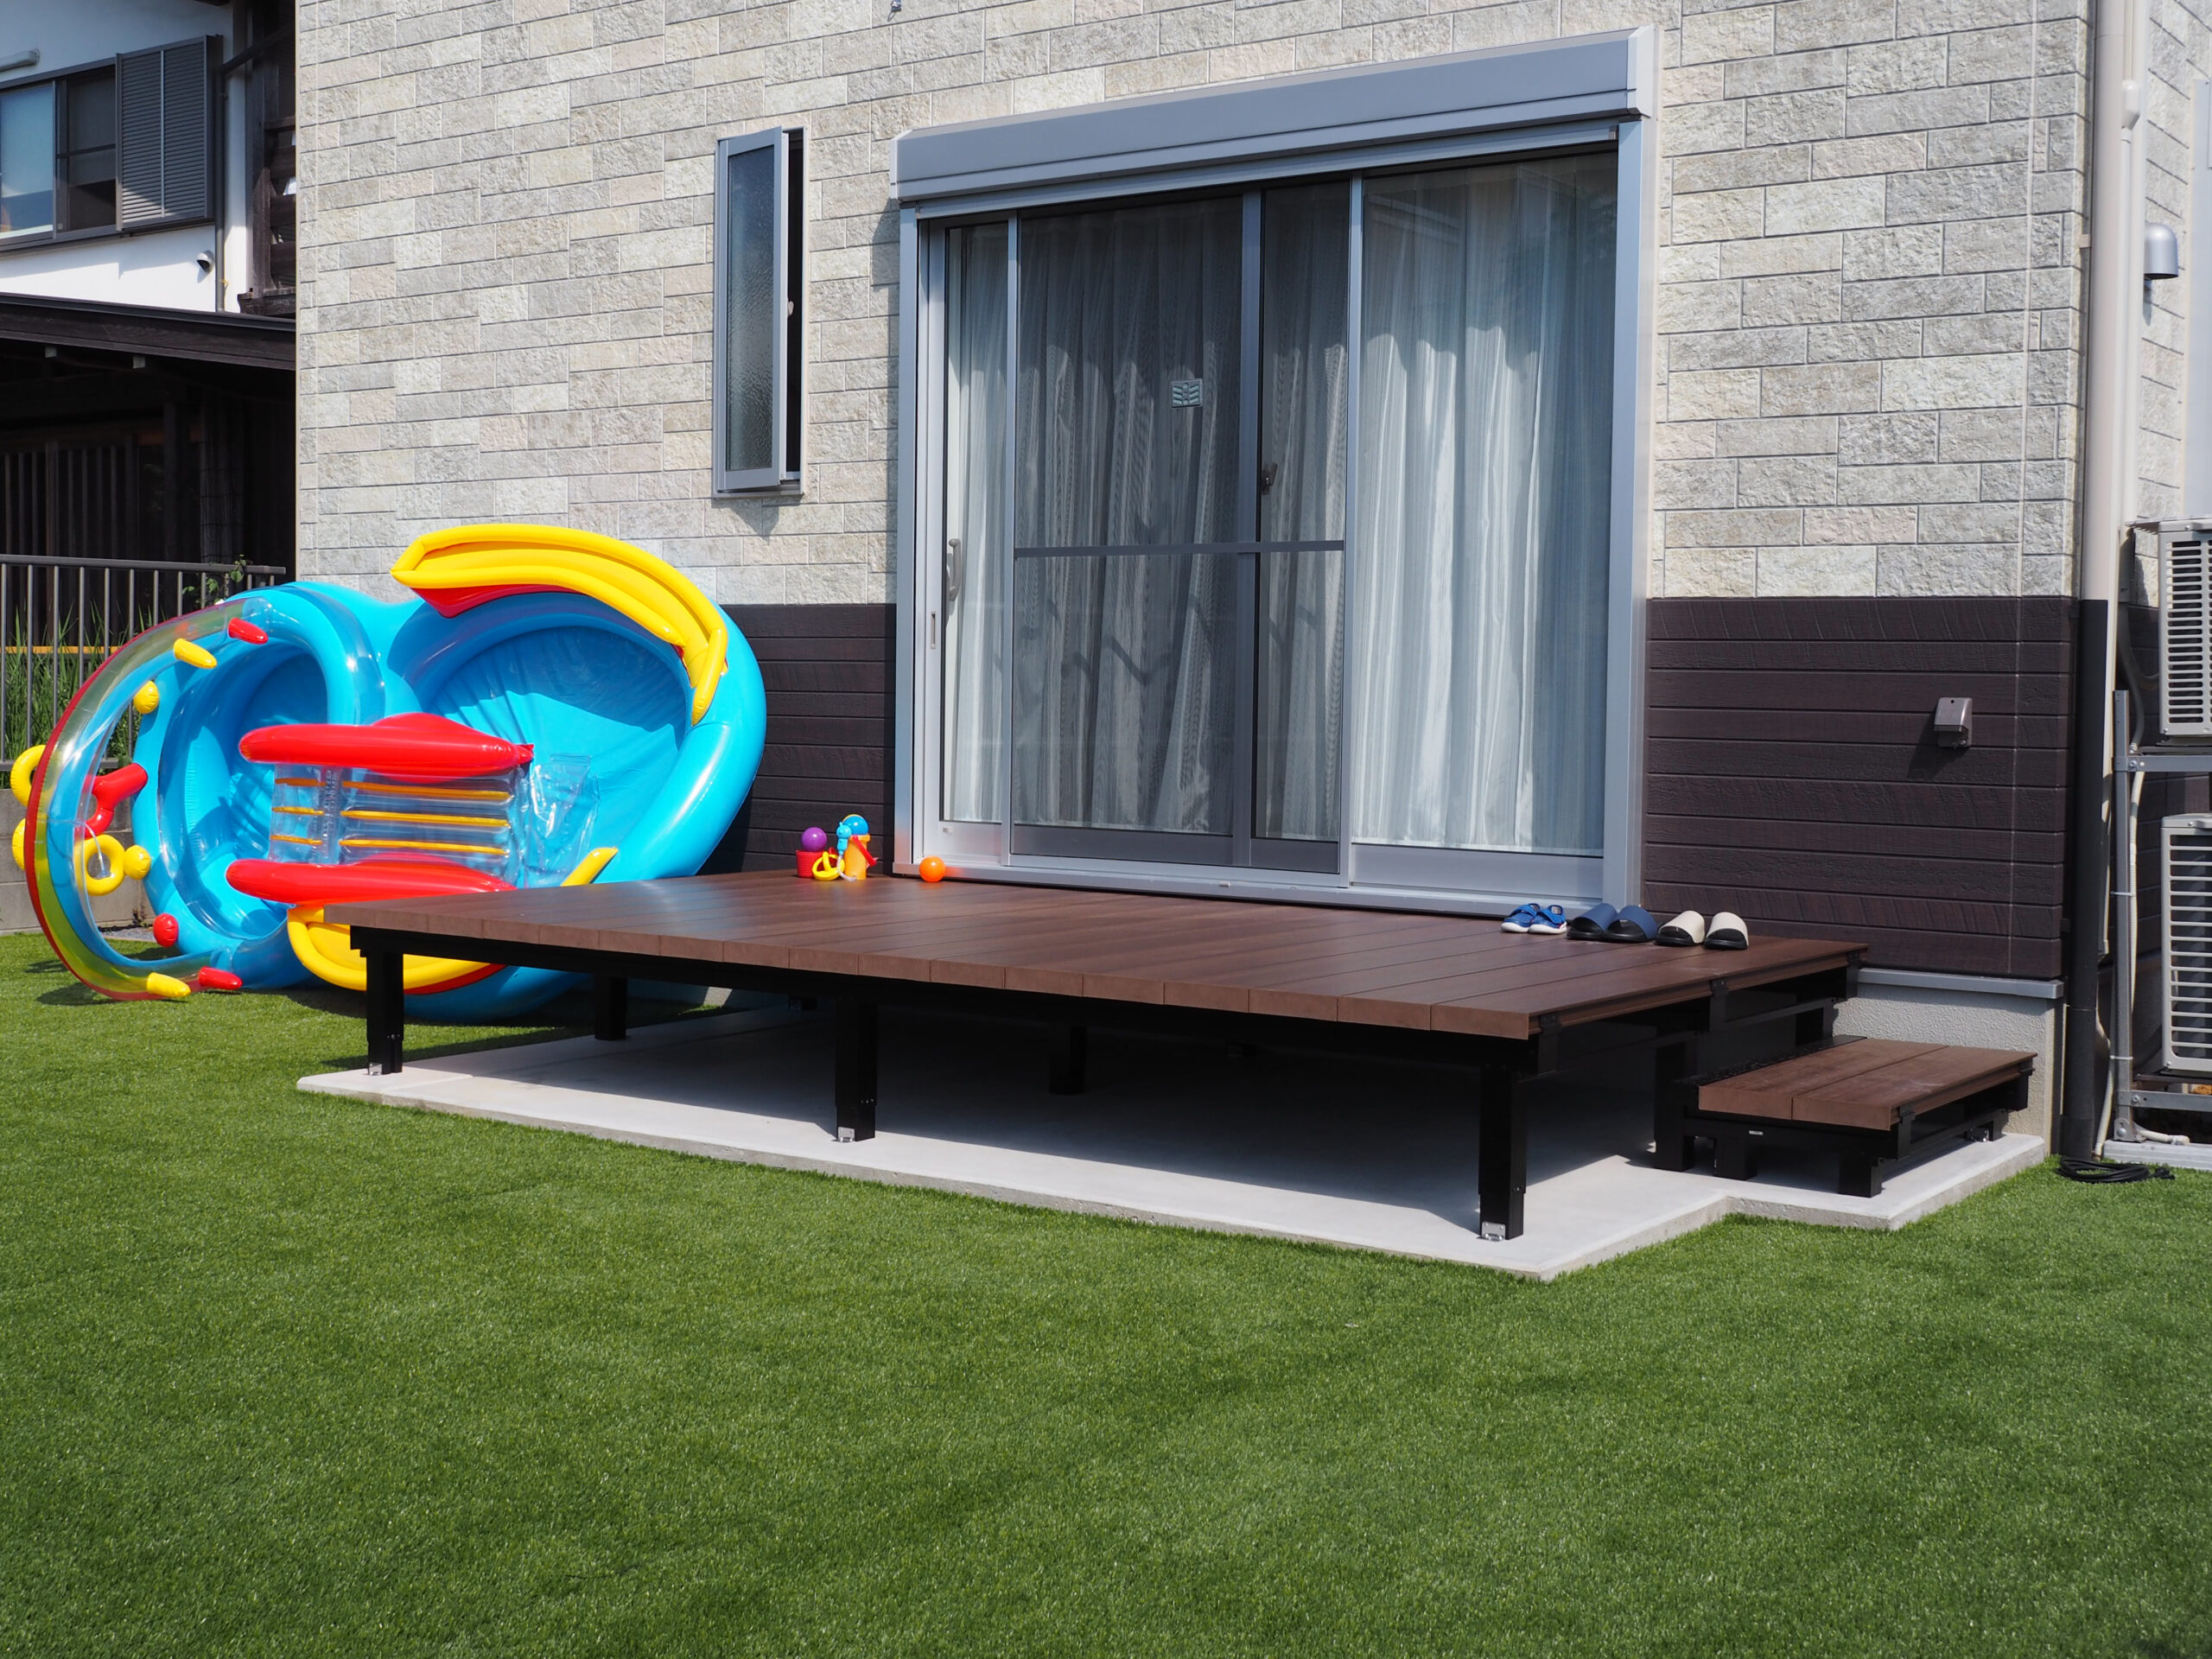 【牛久市 T様邸】 人工芝とウッドデッキの広々としたお庭で家族の団欒を楽しむエクステリア